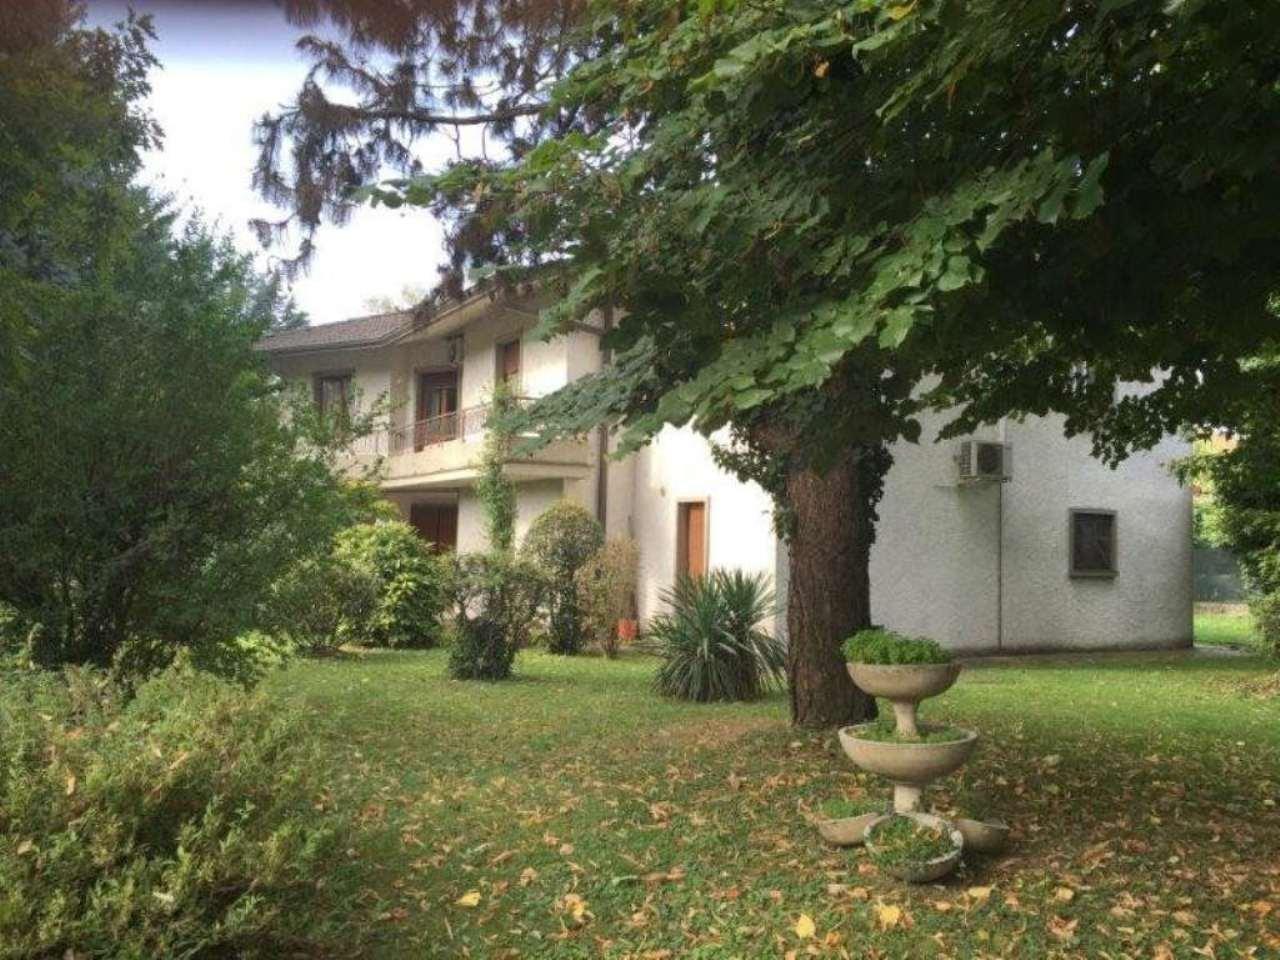 Villa in vendita a Paullo, 8 locali, prezzo € 350.000 | Cambio Casa.it